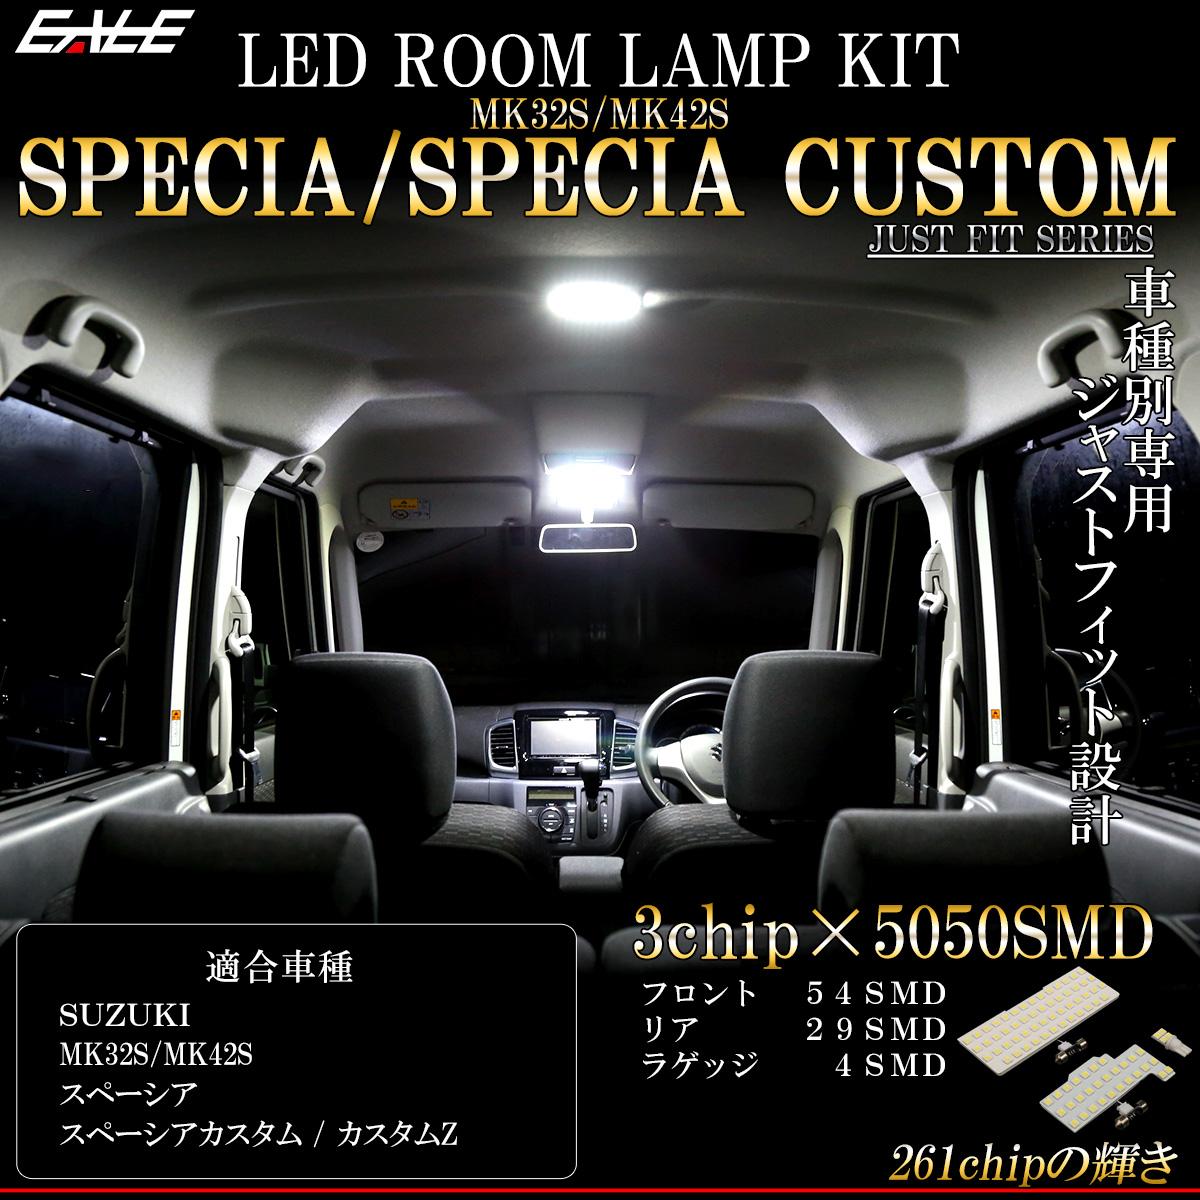 【ネコポス可】 LED ルームランプ スペーシア Specia カスタム Z 専用設計 MK32S MK42S 7000K ホワイト R-481-M